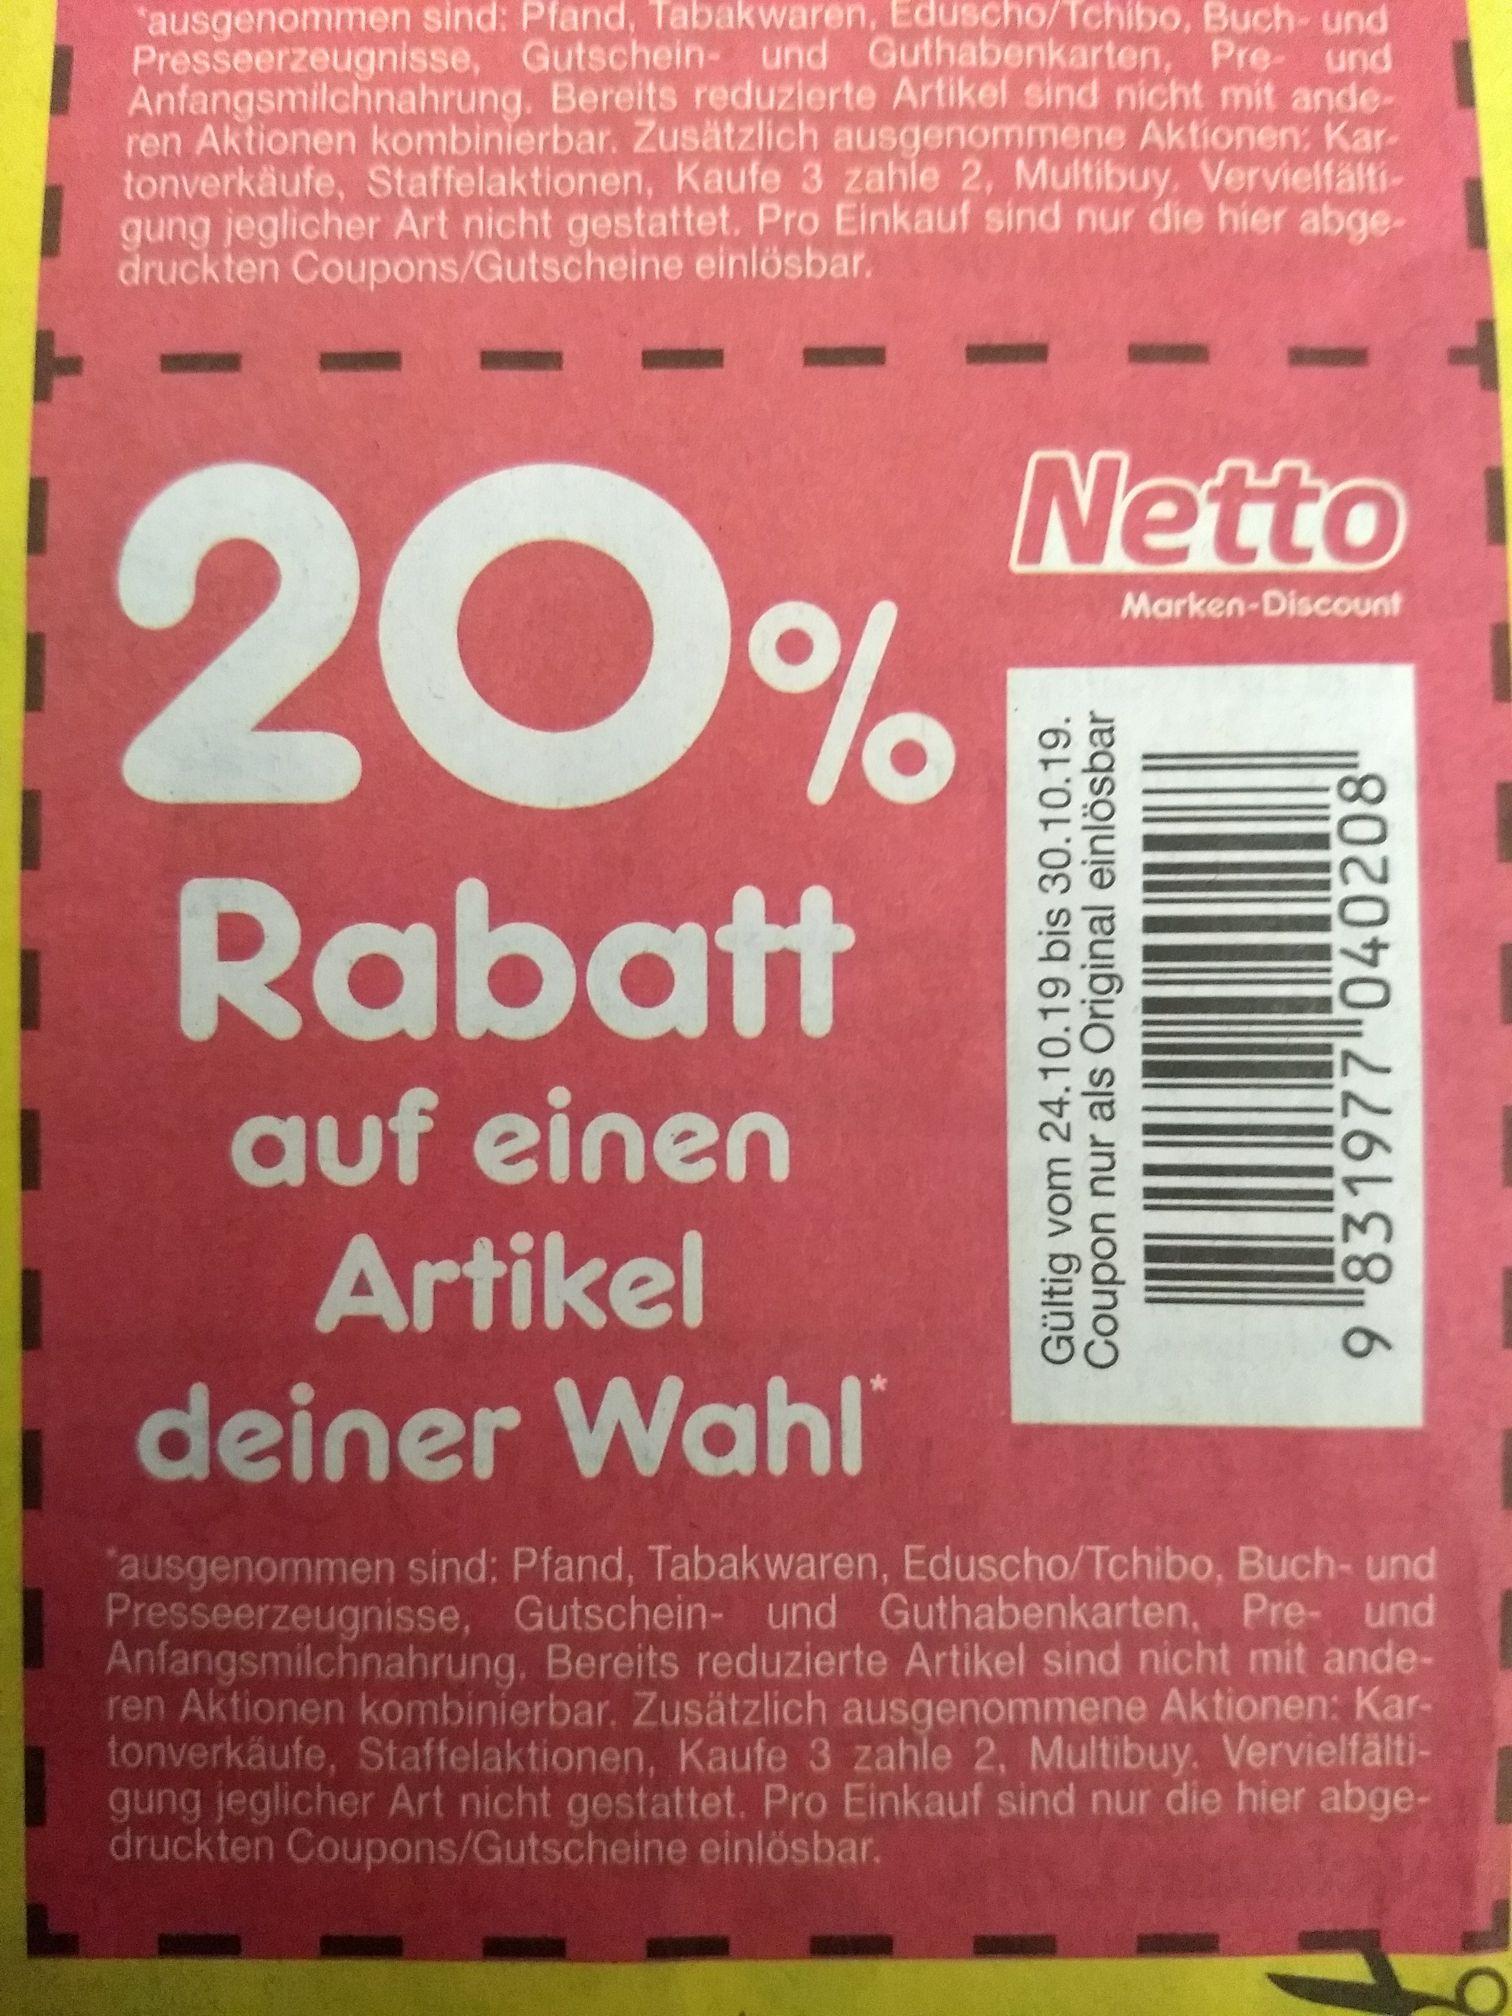 [Lokal Magdeburg Bundesweit?] Netto Marken-Discount Reduziere selber 5% 10% 20% vom 24.10.-30.10.2019